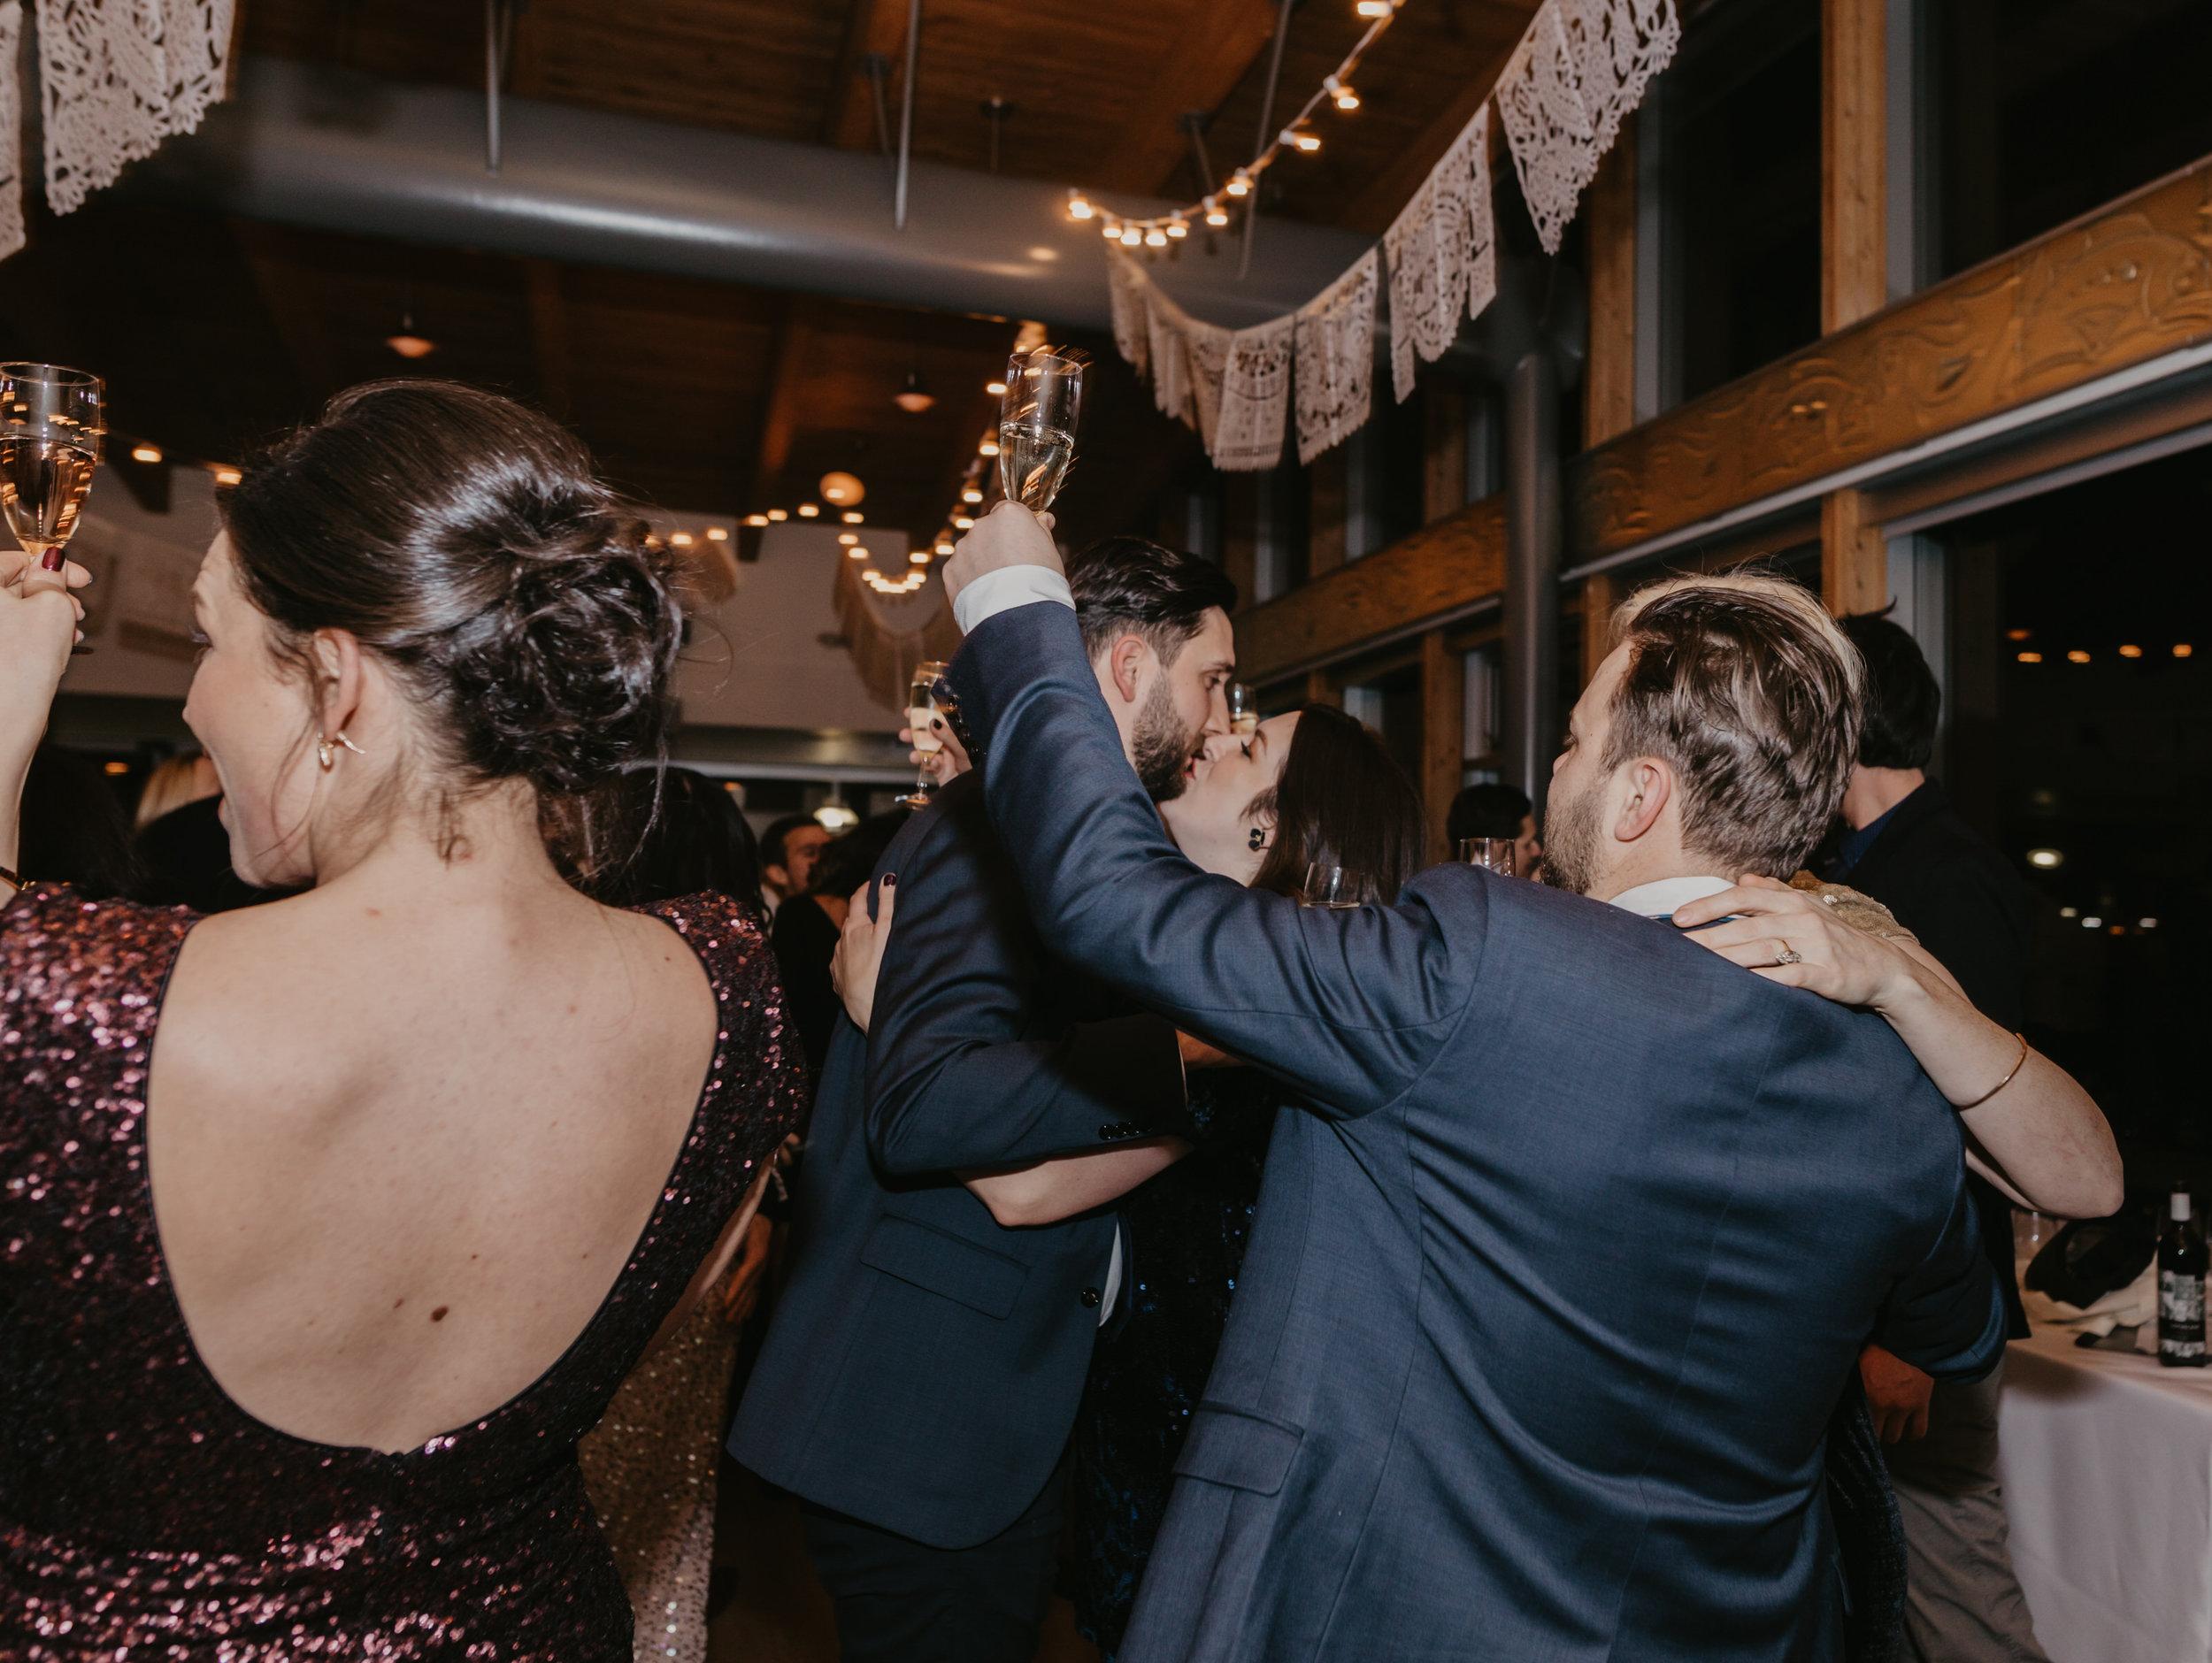 Vancouver New Years Eve Wedding - UBC Boathouse Wedding - Kitsilano Wedding Photos - Vancouver Wedding Photographer - Vancouver Wedding Videographer - 892.JPG